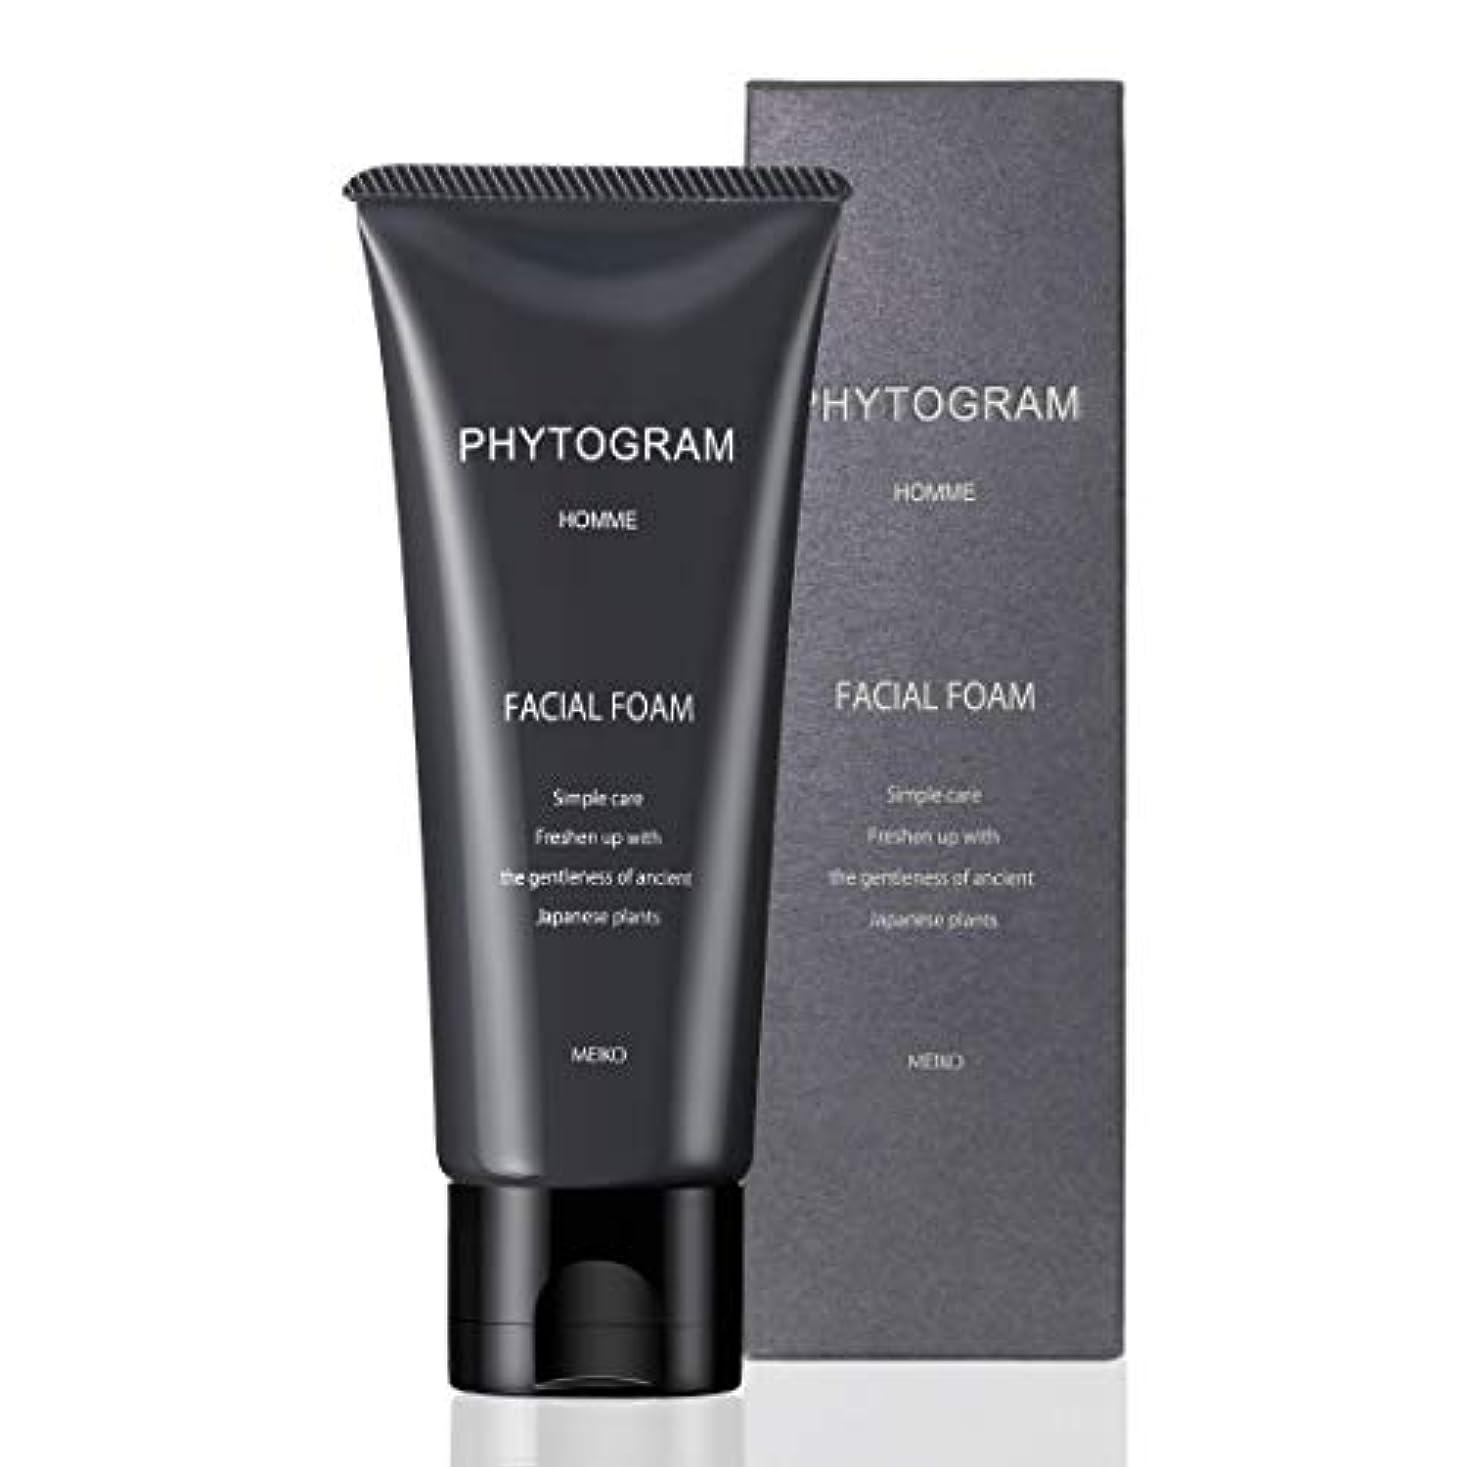 葉巻フラップ中断メンズ フェイシャルフォーム 100g ( 男性用 洗顔クリーム 洗顔料 保湿 ナチュラル 植物 日本製 )【 フィトグラム 】